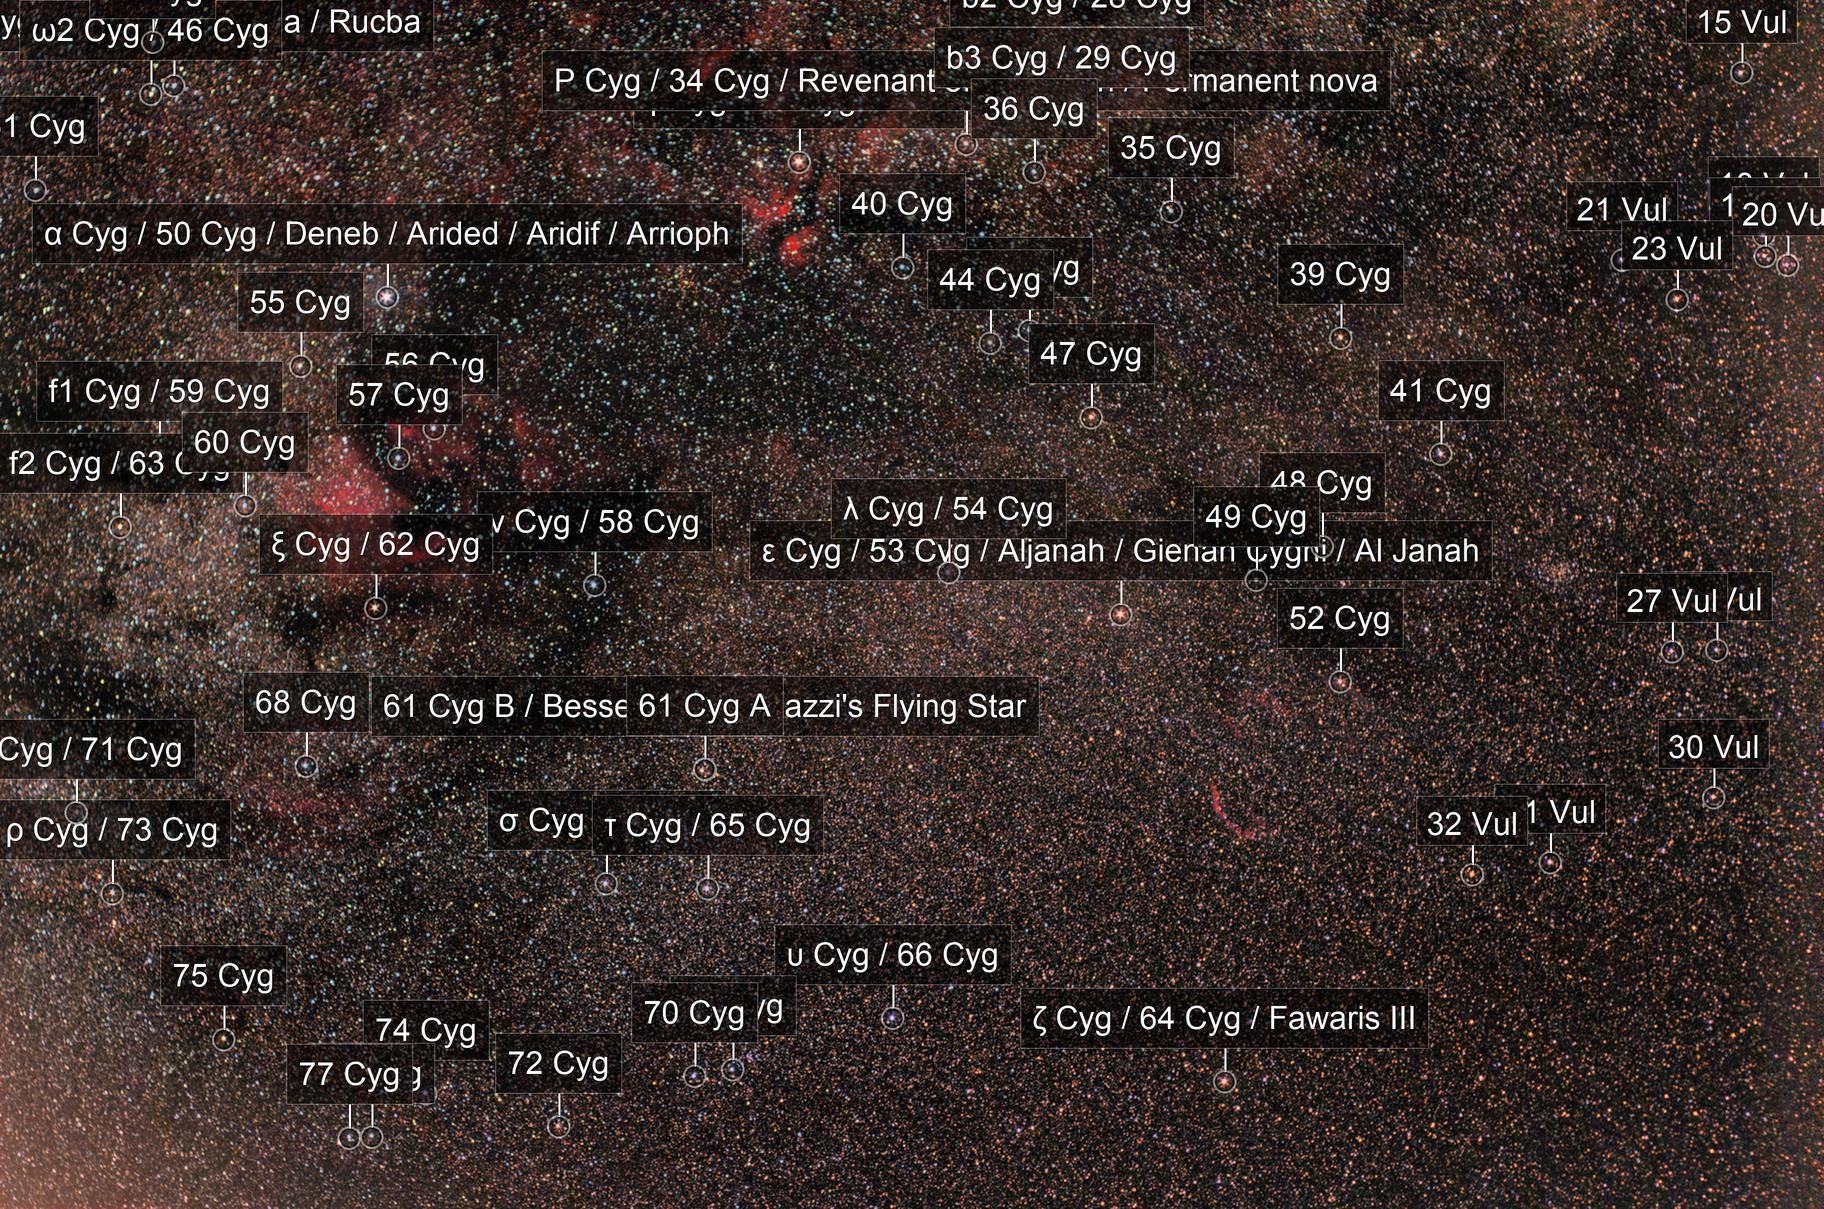 Cygnus wide field no mount Astrotracer / Pentax K30D astrodon + Pentax 50mm f/1.7  /  400 iso